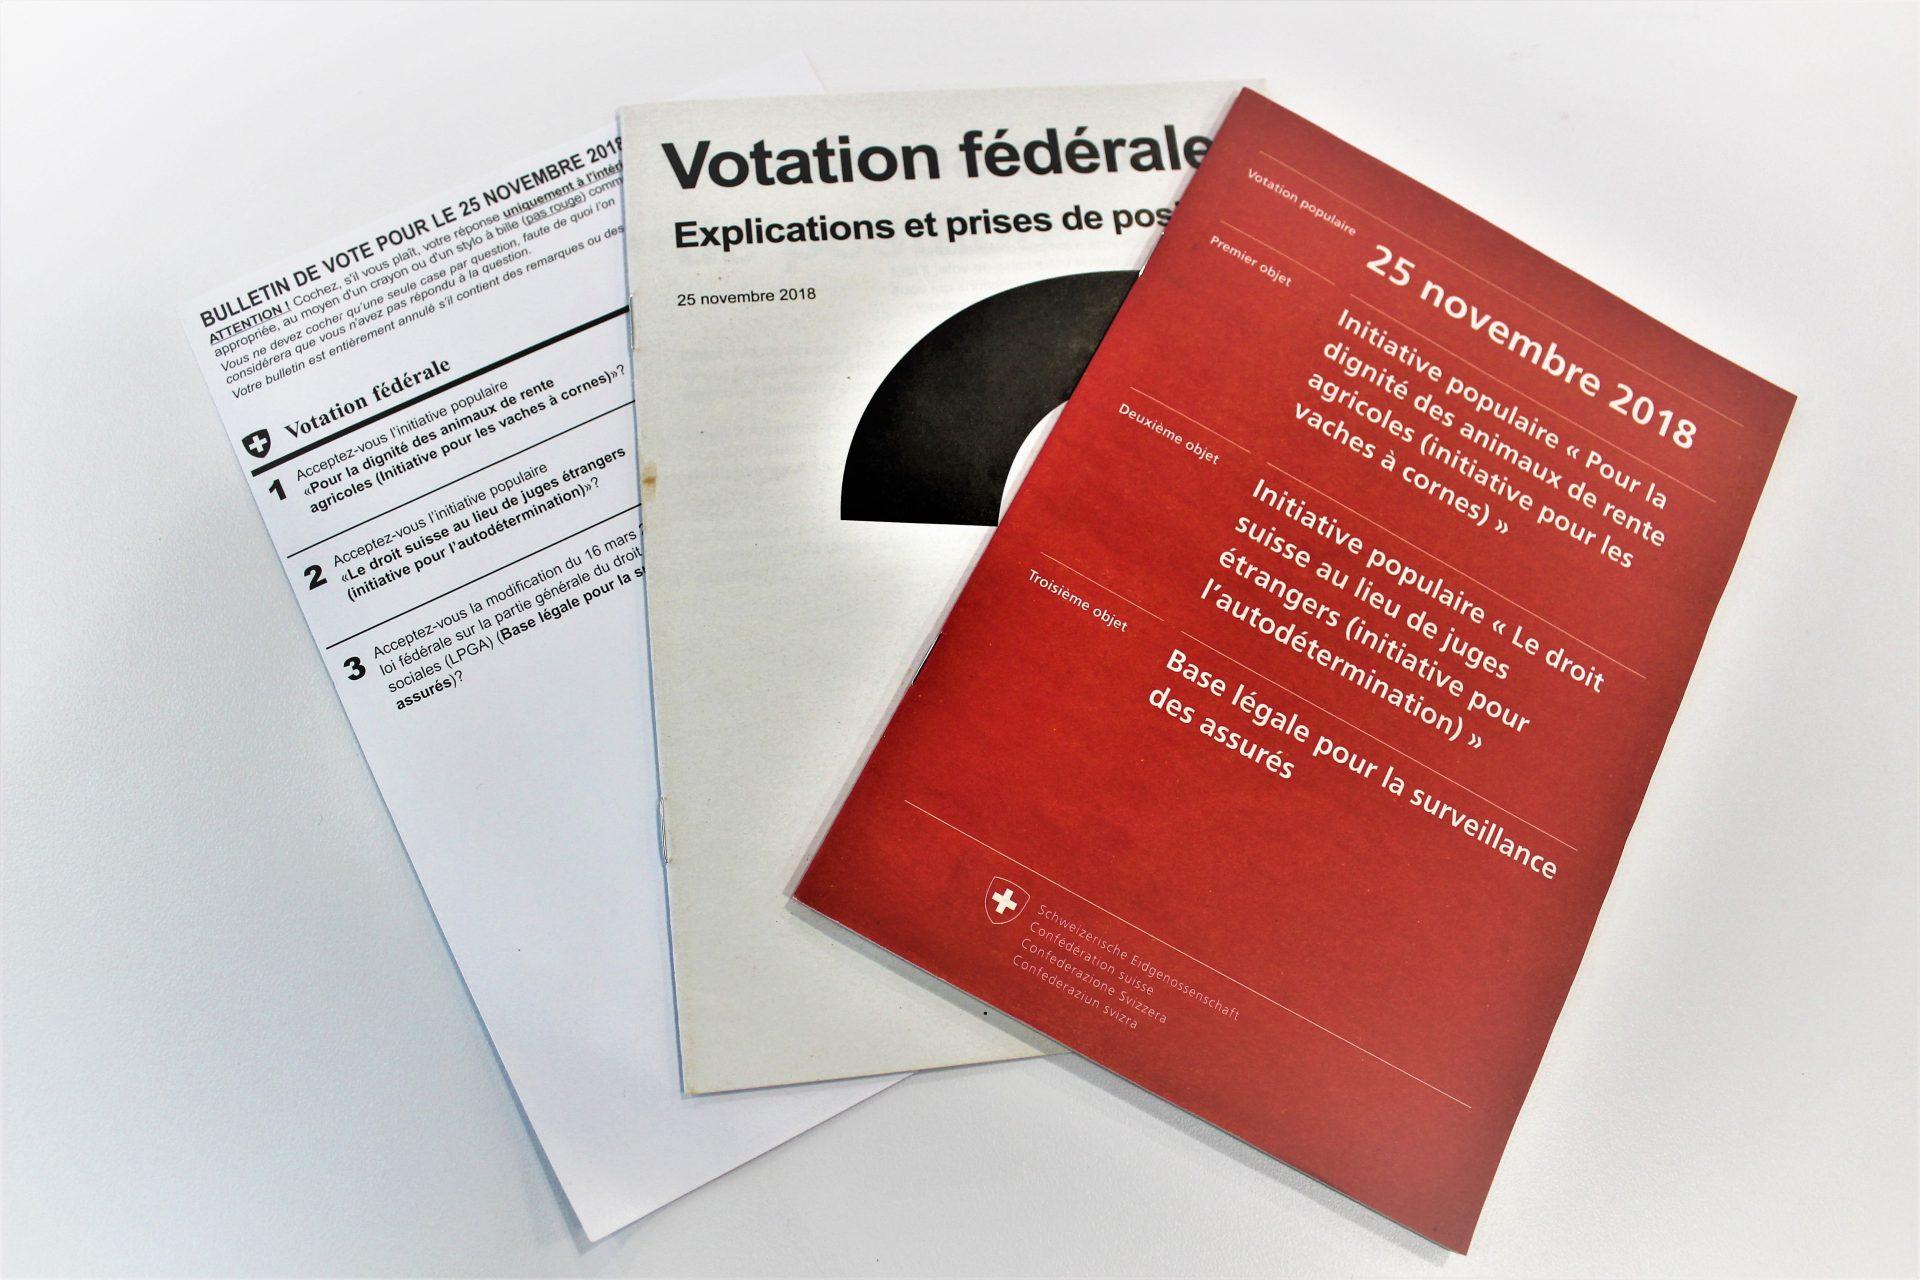 Las Consultas Públicas: Suiza como referente de la democracia directa